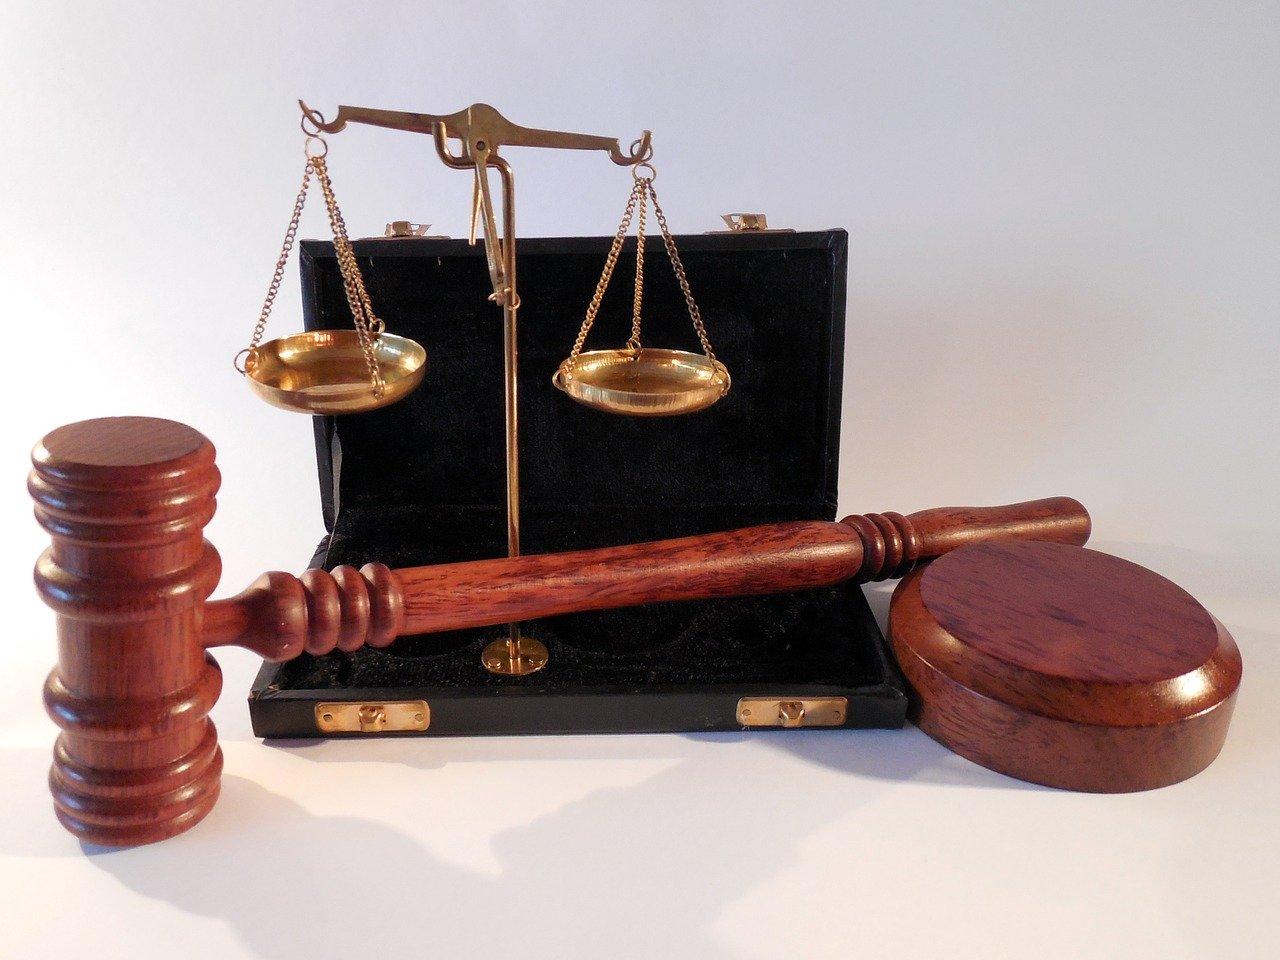 עורך דין סכסוכי ירושה בקריית גת